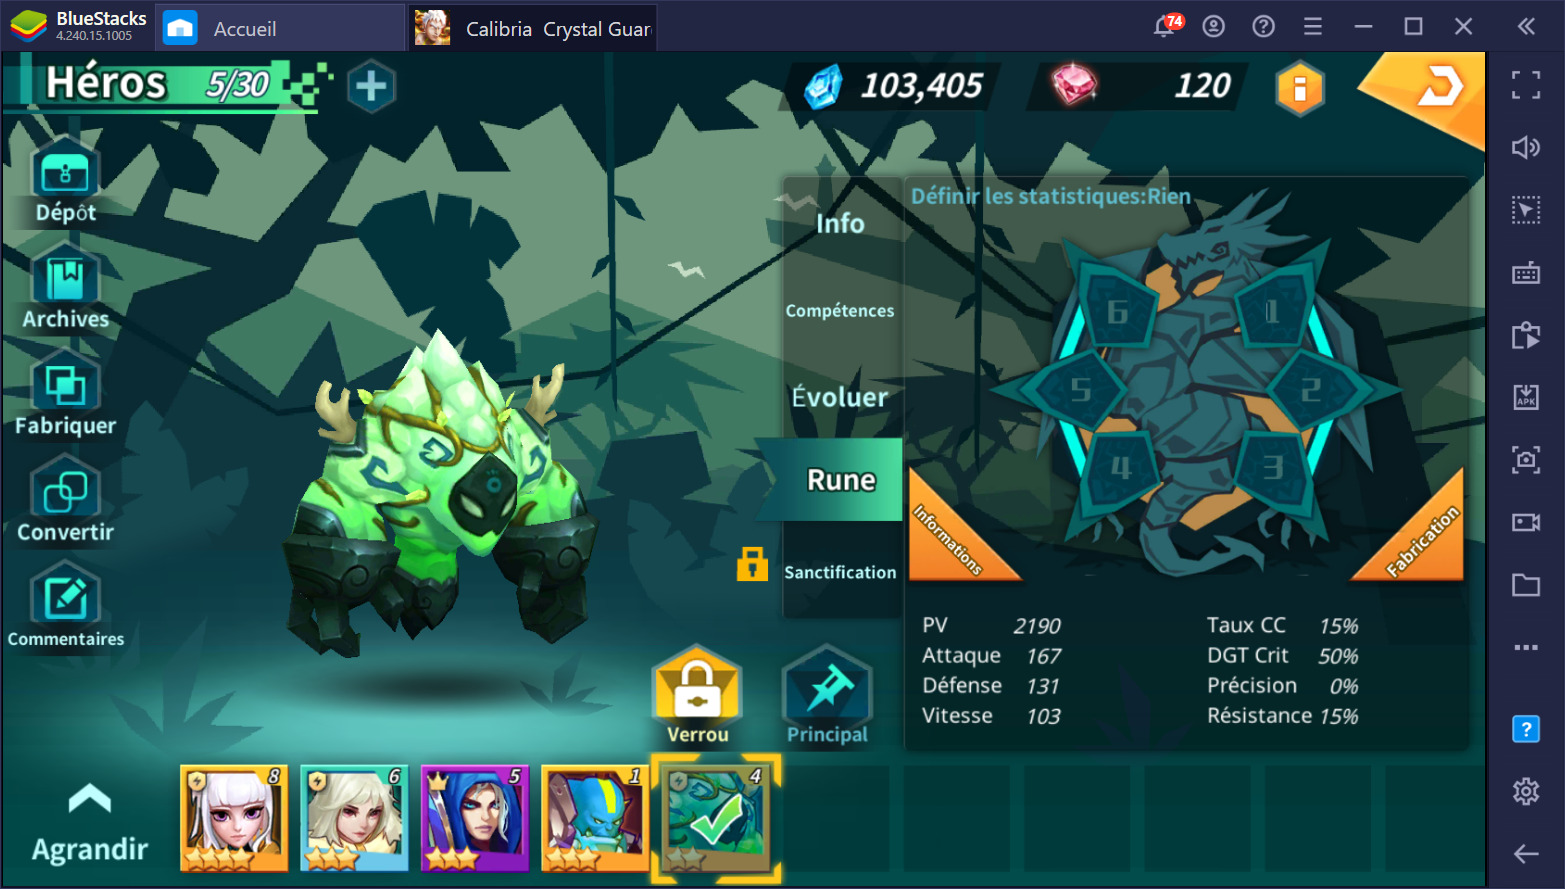 Calibria: Crystal Guardians – les meilleurs héros 5 étoiles du jeu